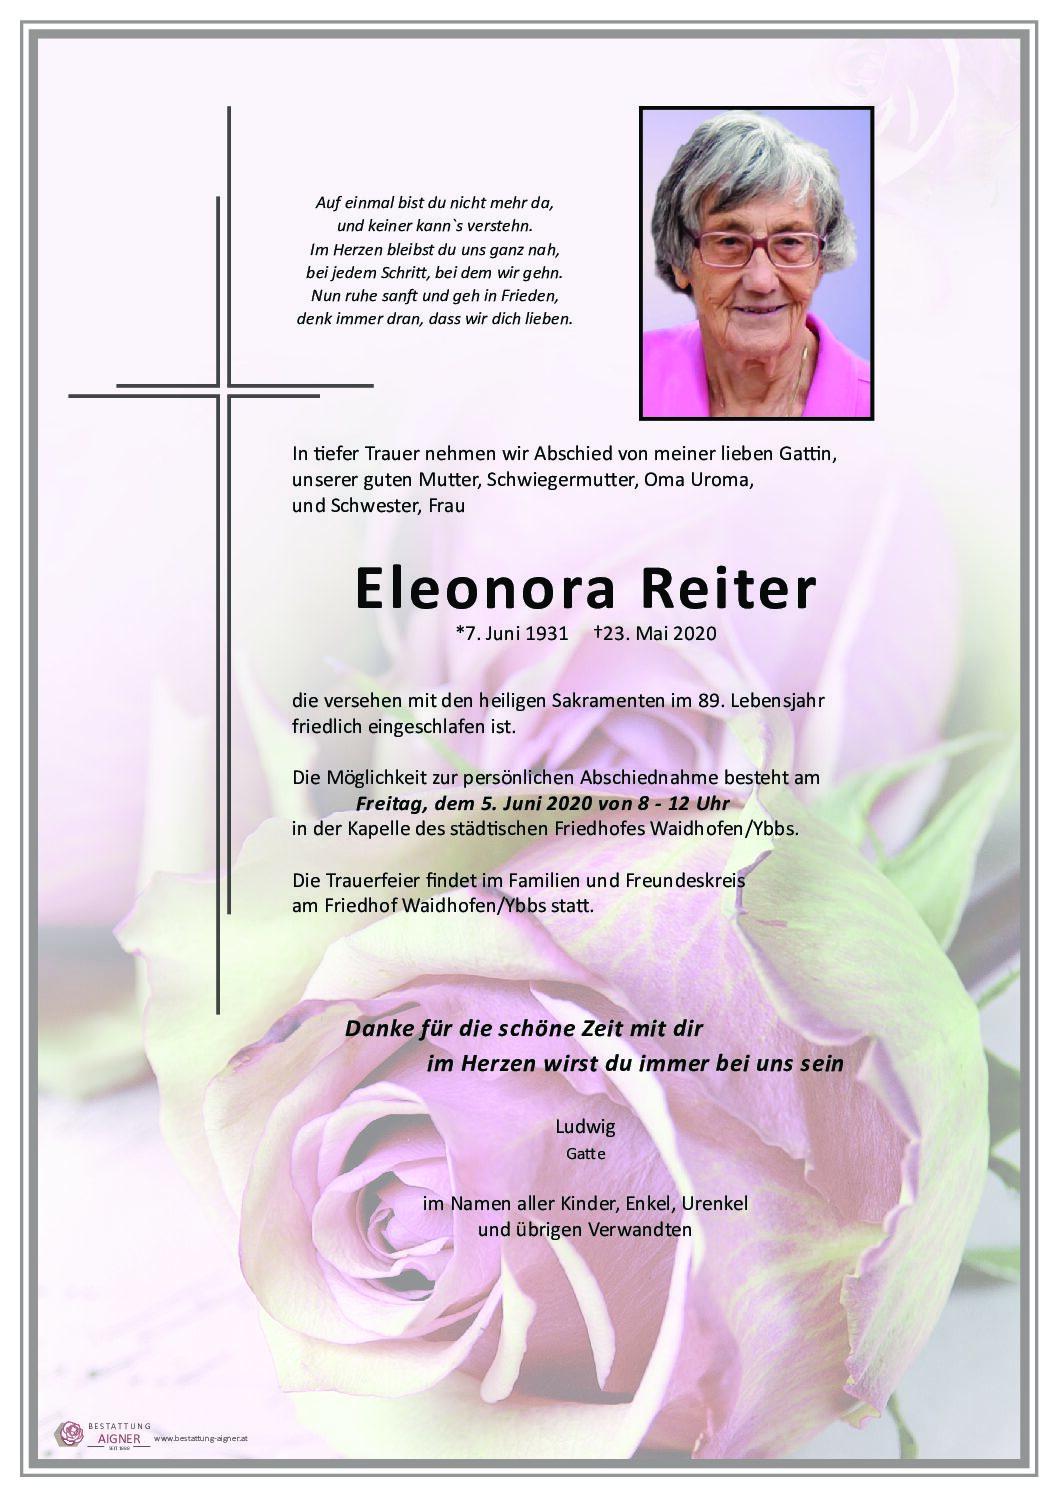 Eleonora Reiter